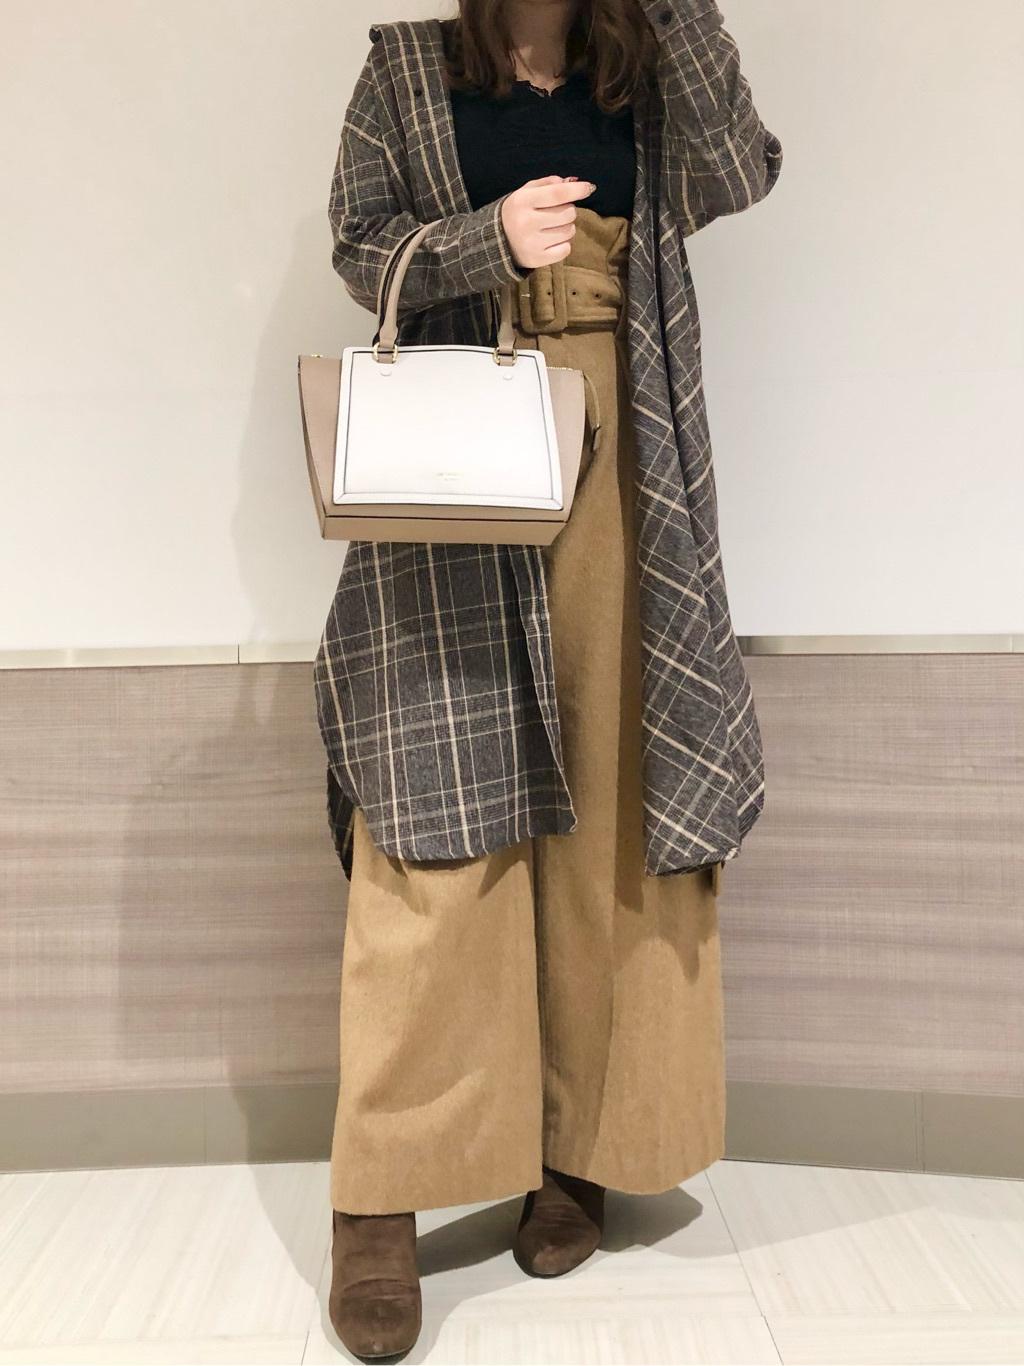 & シュエットギャラリー 四条畷店 S a k i